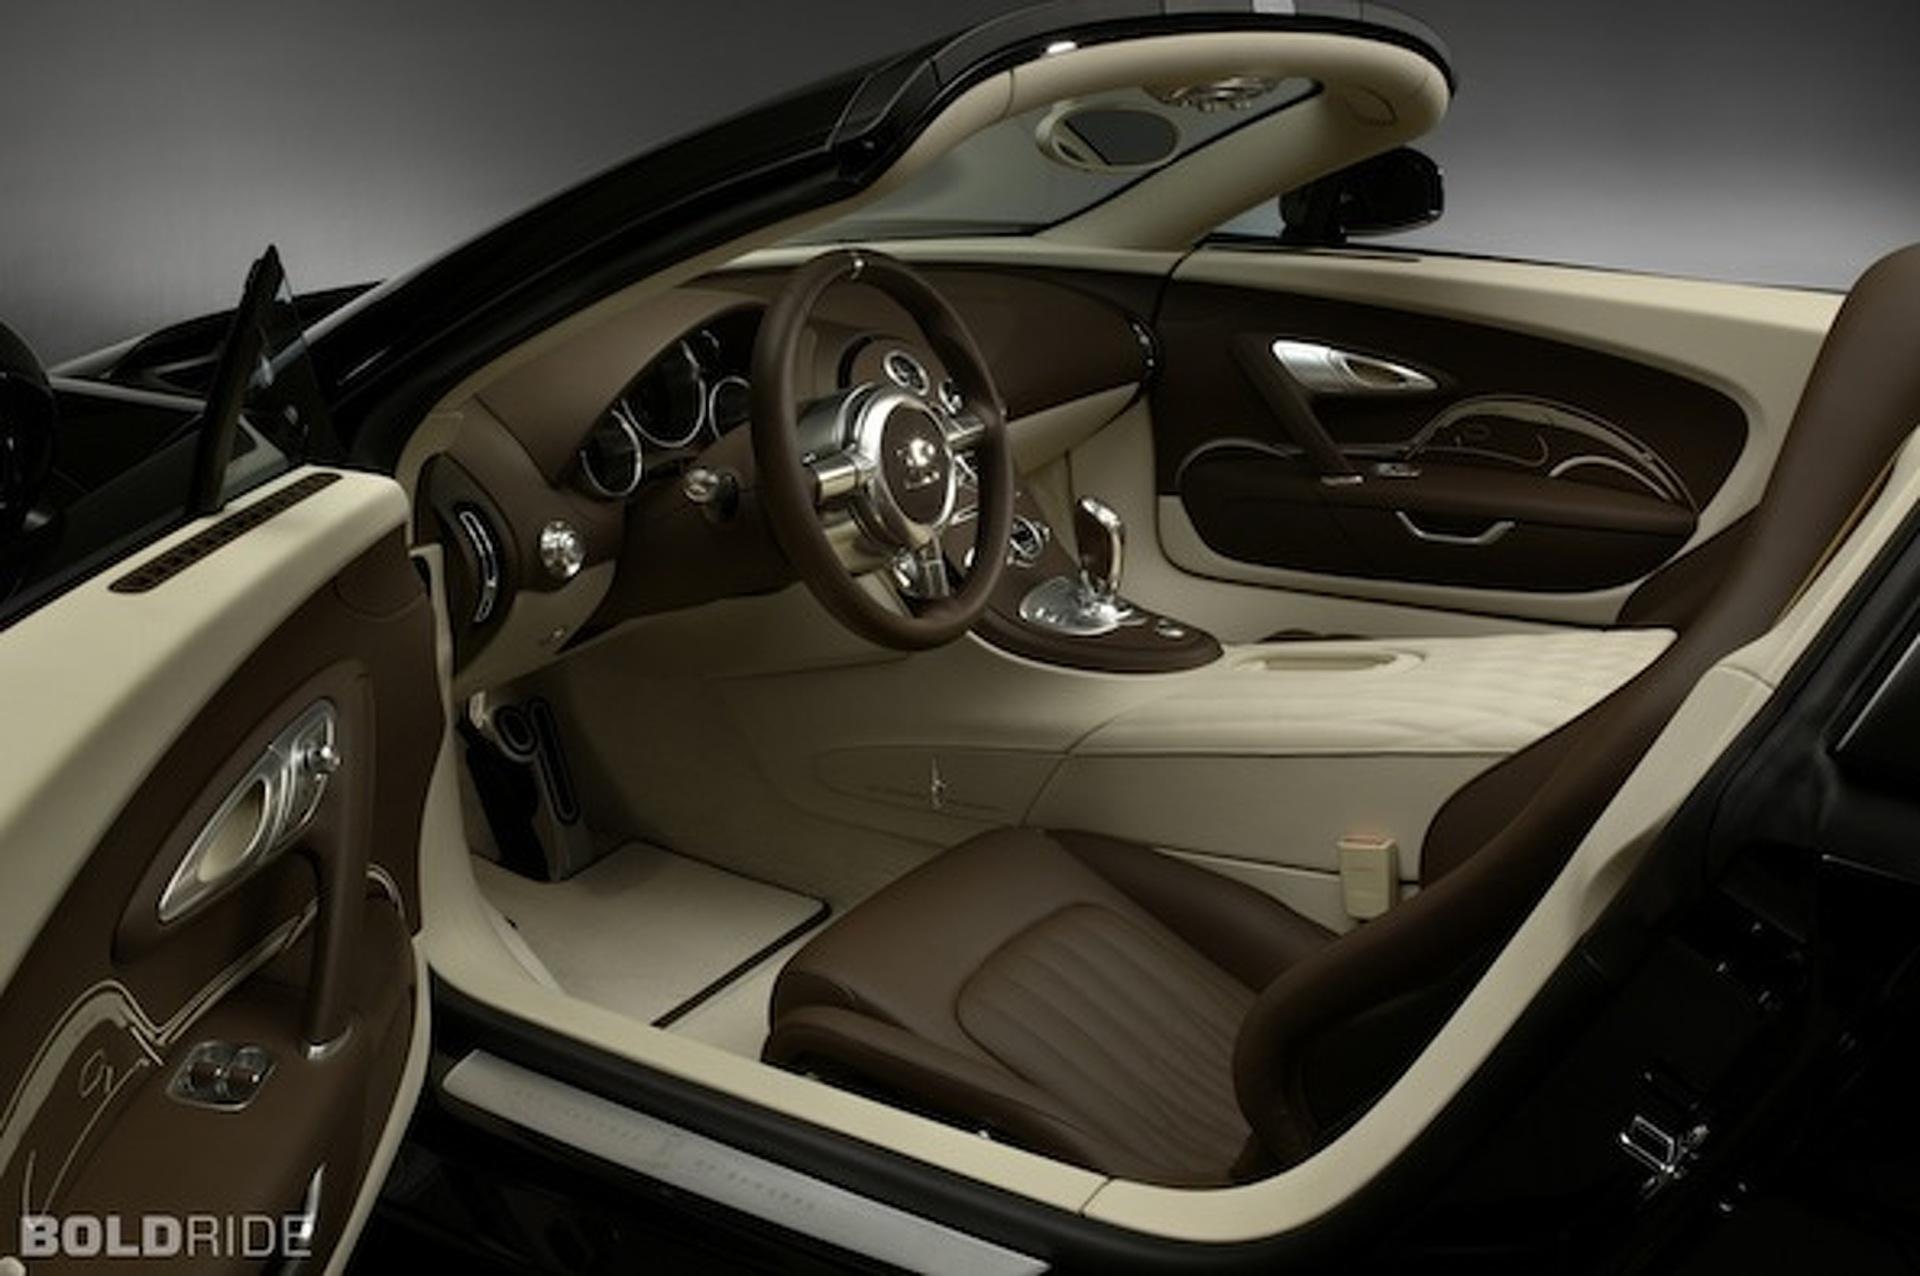 Bugatti Veyron Jean Bugatti Edition Honors Brand's Legendary Designer